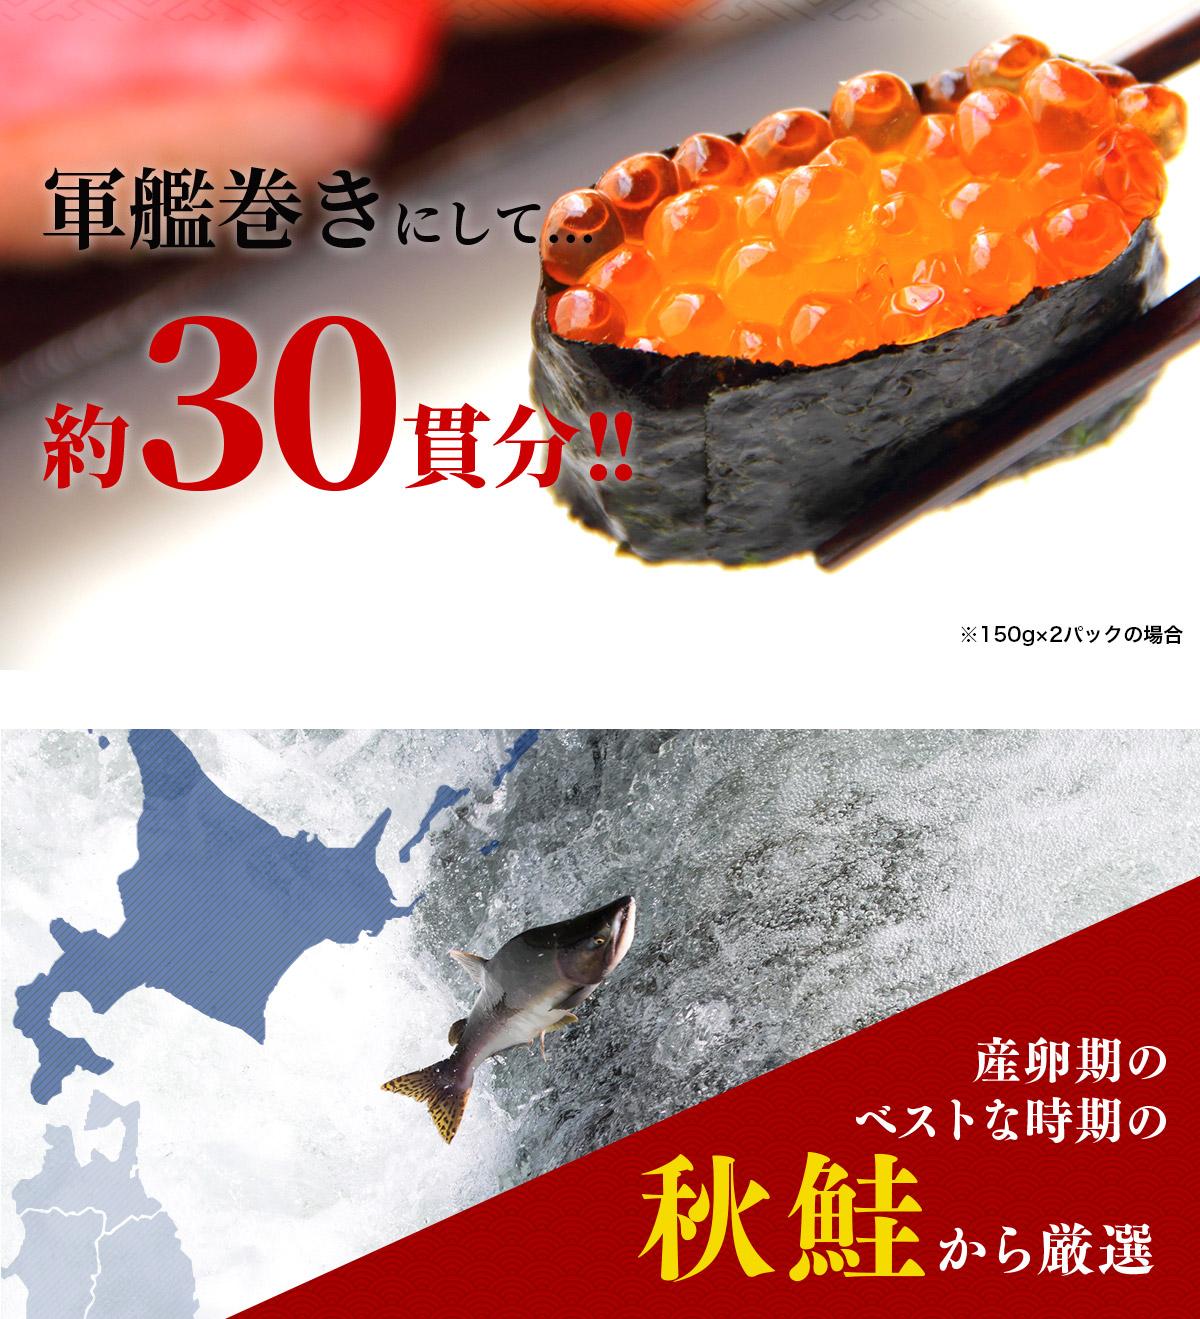 産卵期のベストな時期の秋鮭から厳選